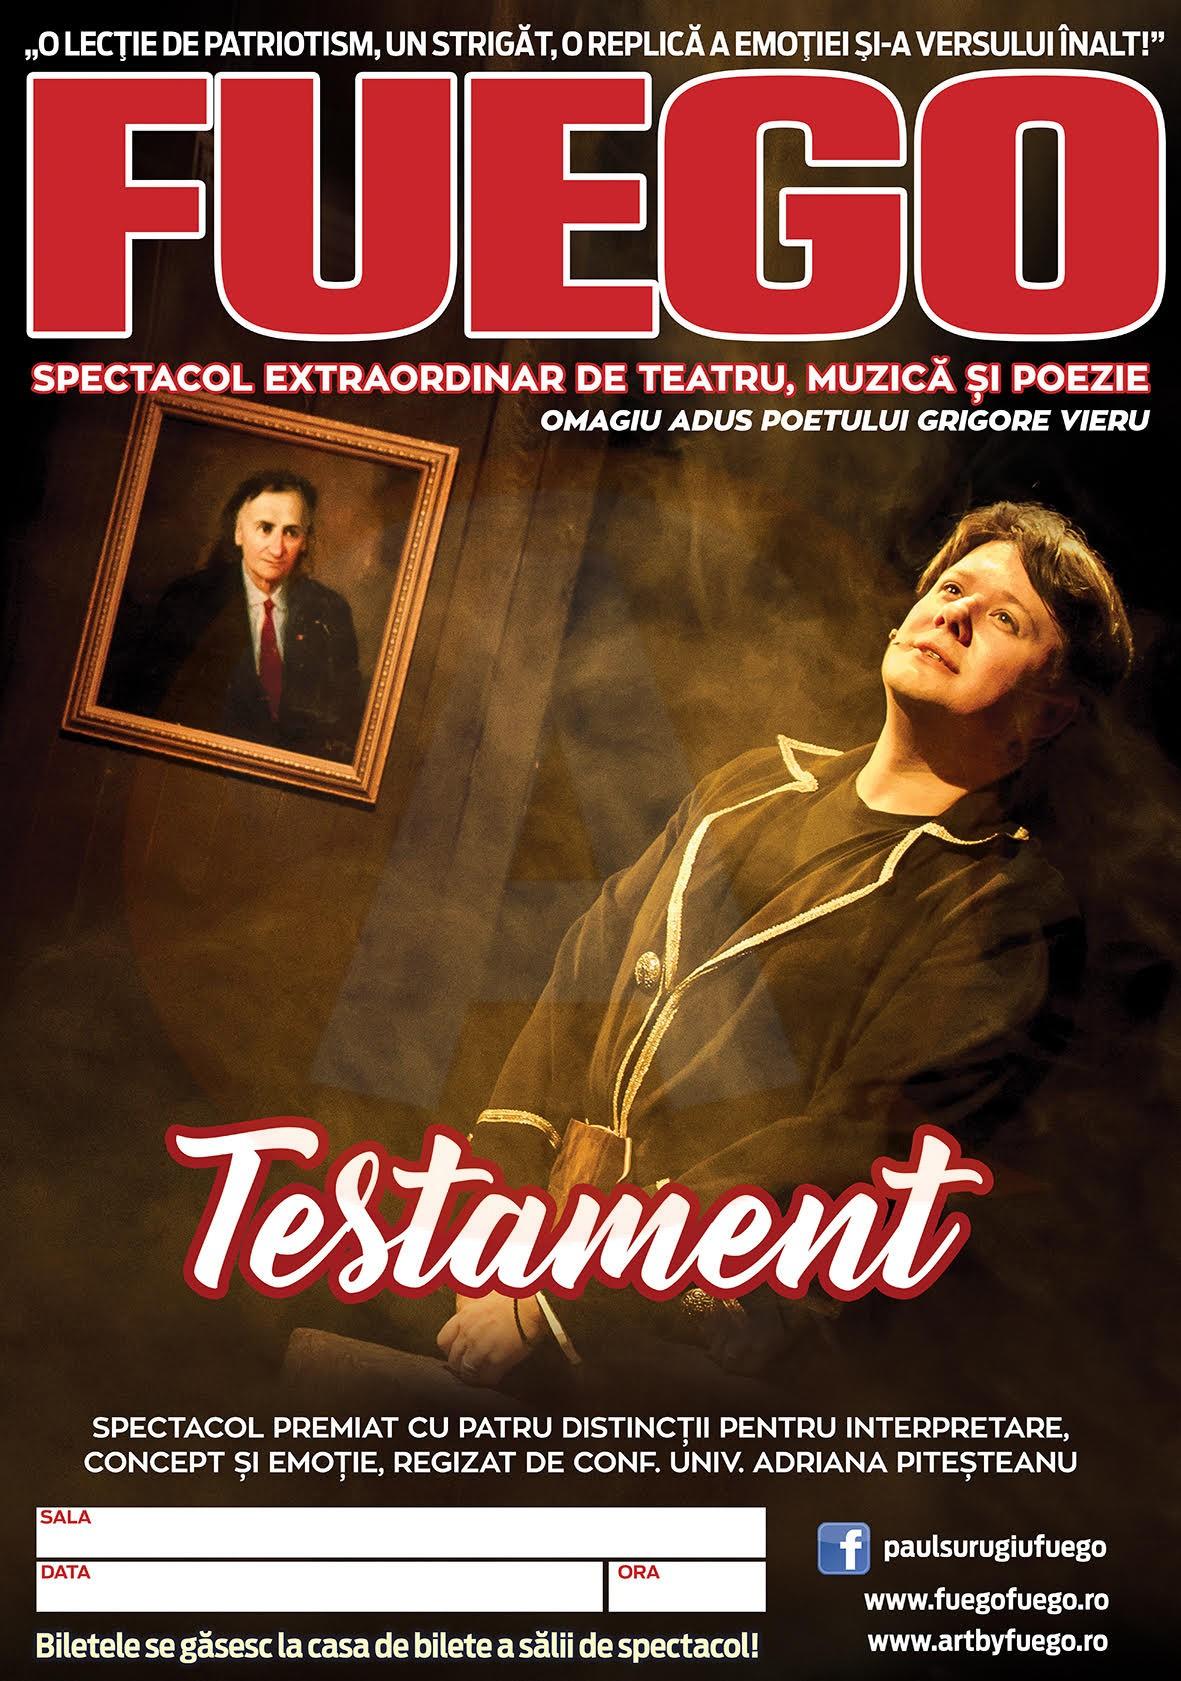 """""""TESTAMENT"""" / Fuego într-un spectacol extraordinar de teatru, muzică și poezie"""